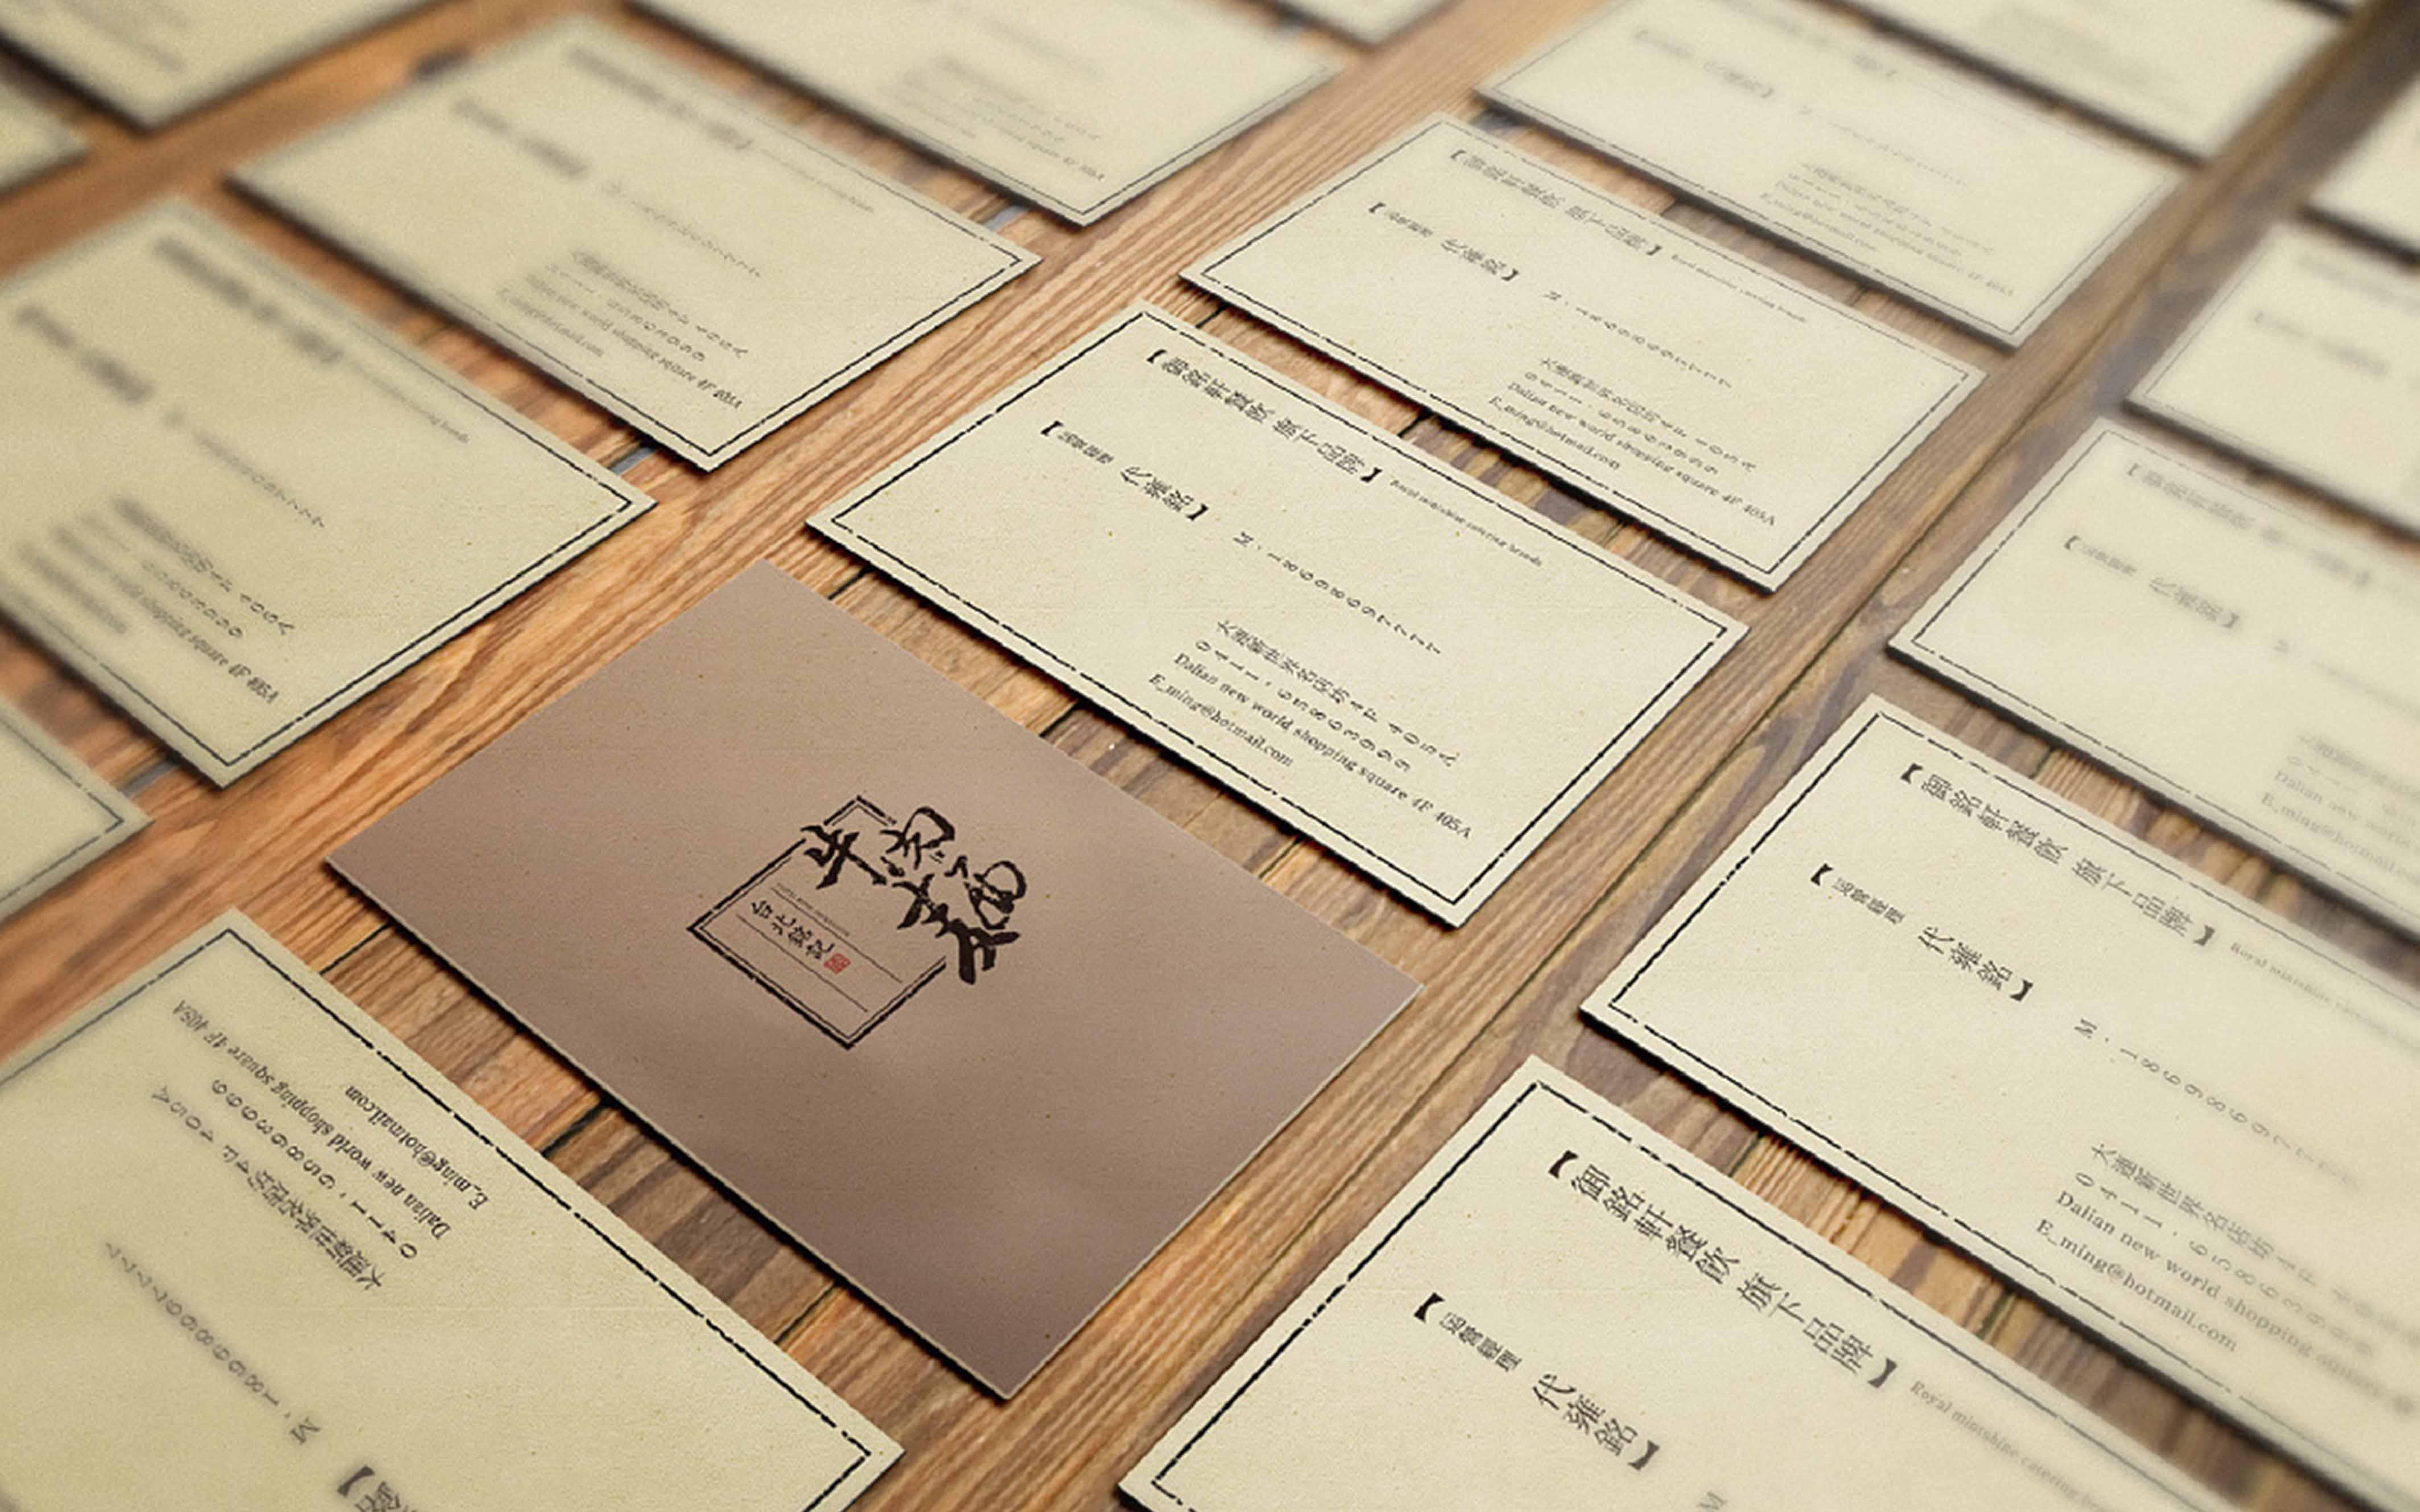 个人公司企业高端商务名片设计定制经典艺术时尚简约科技名片设计